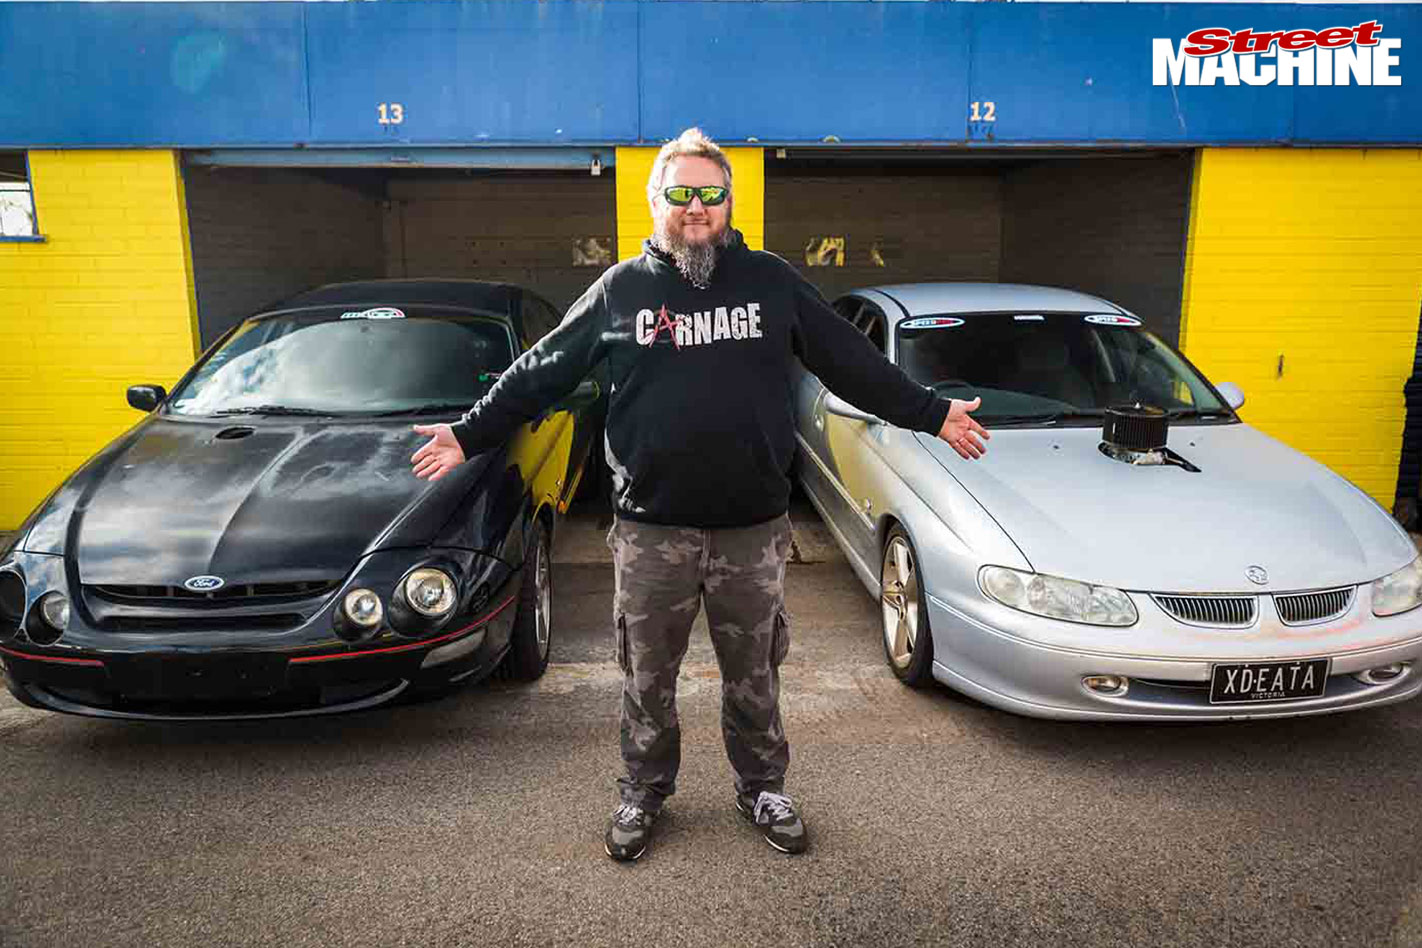 Carnage $2k challenge cars